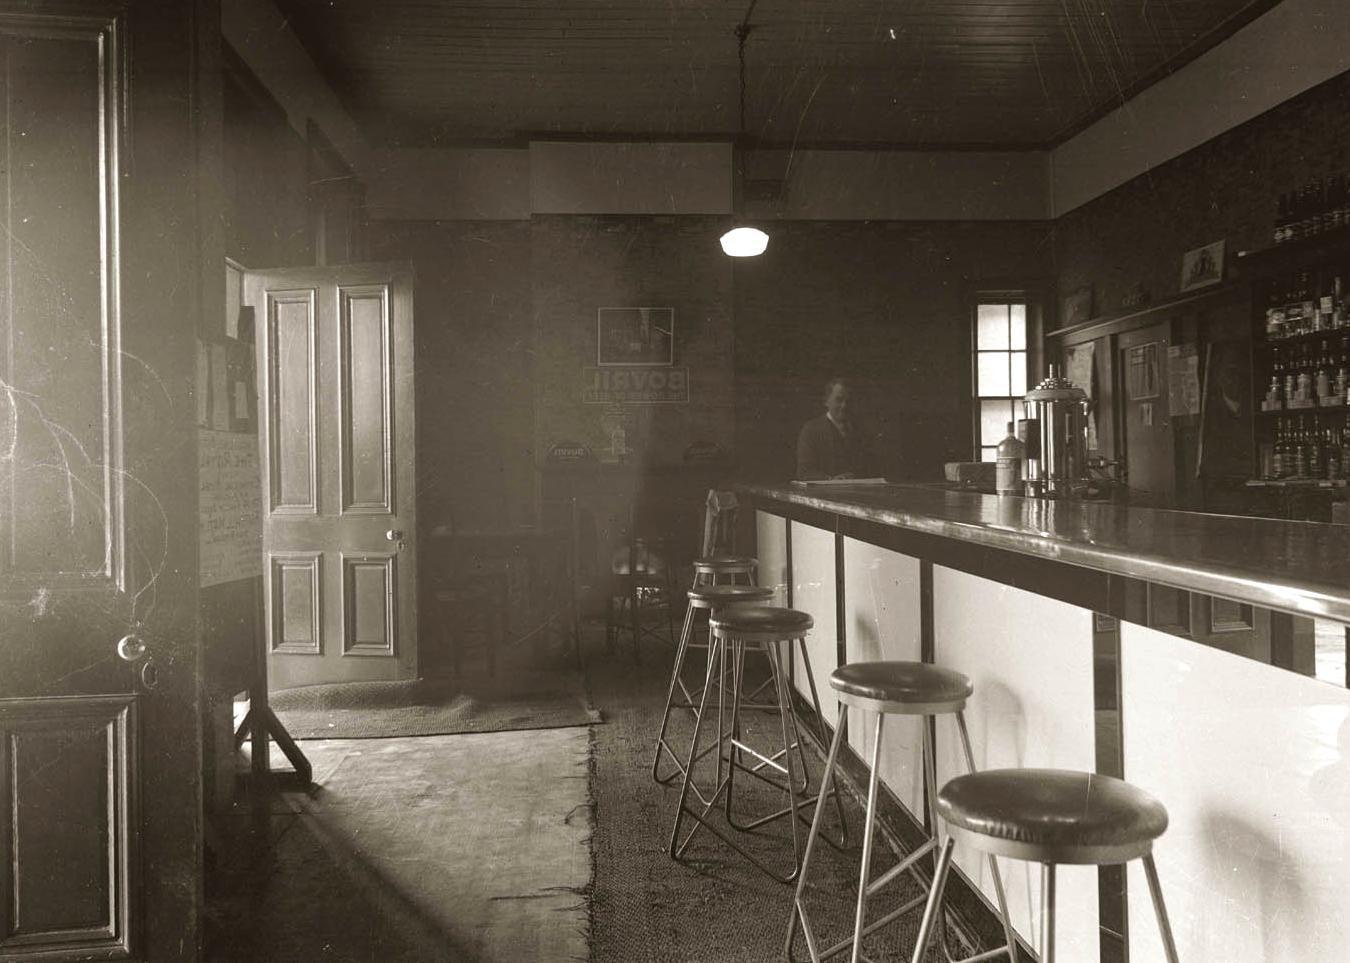 Image Libre Ancien Int Rieur Restaurant Histoire Meubles Monochrome